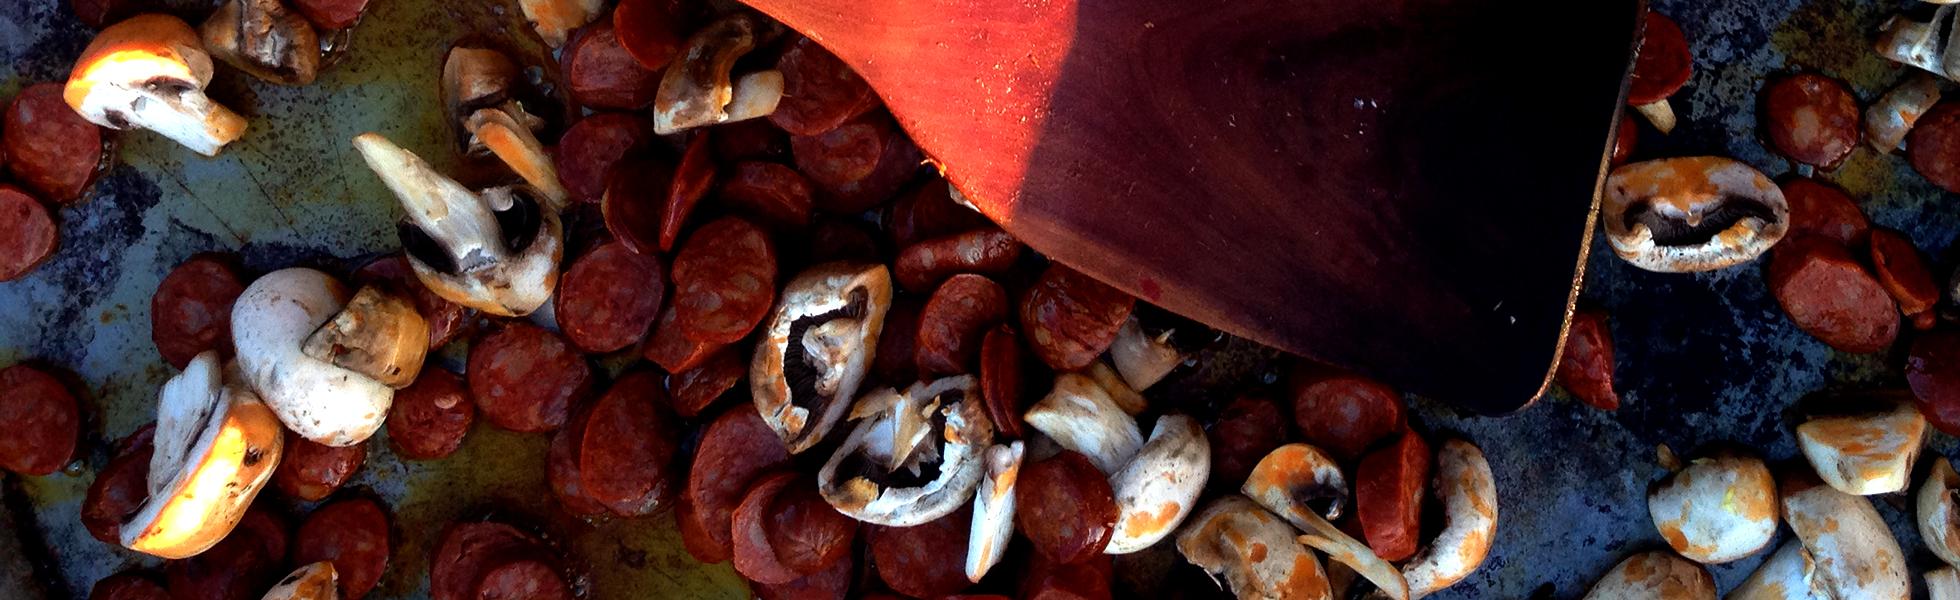 Aurelia's Spanish Chorizo & Mushrooms Paella - get the recipe here!